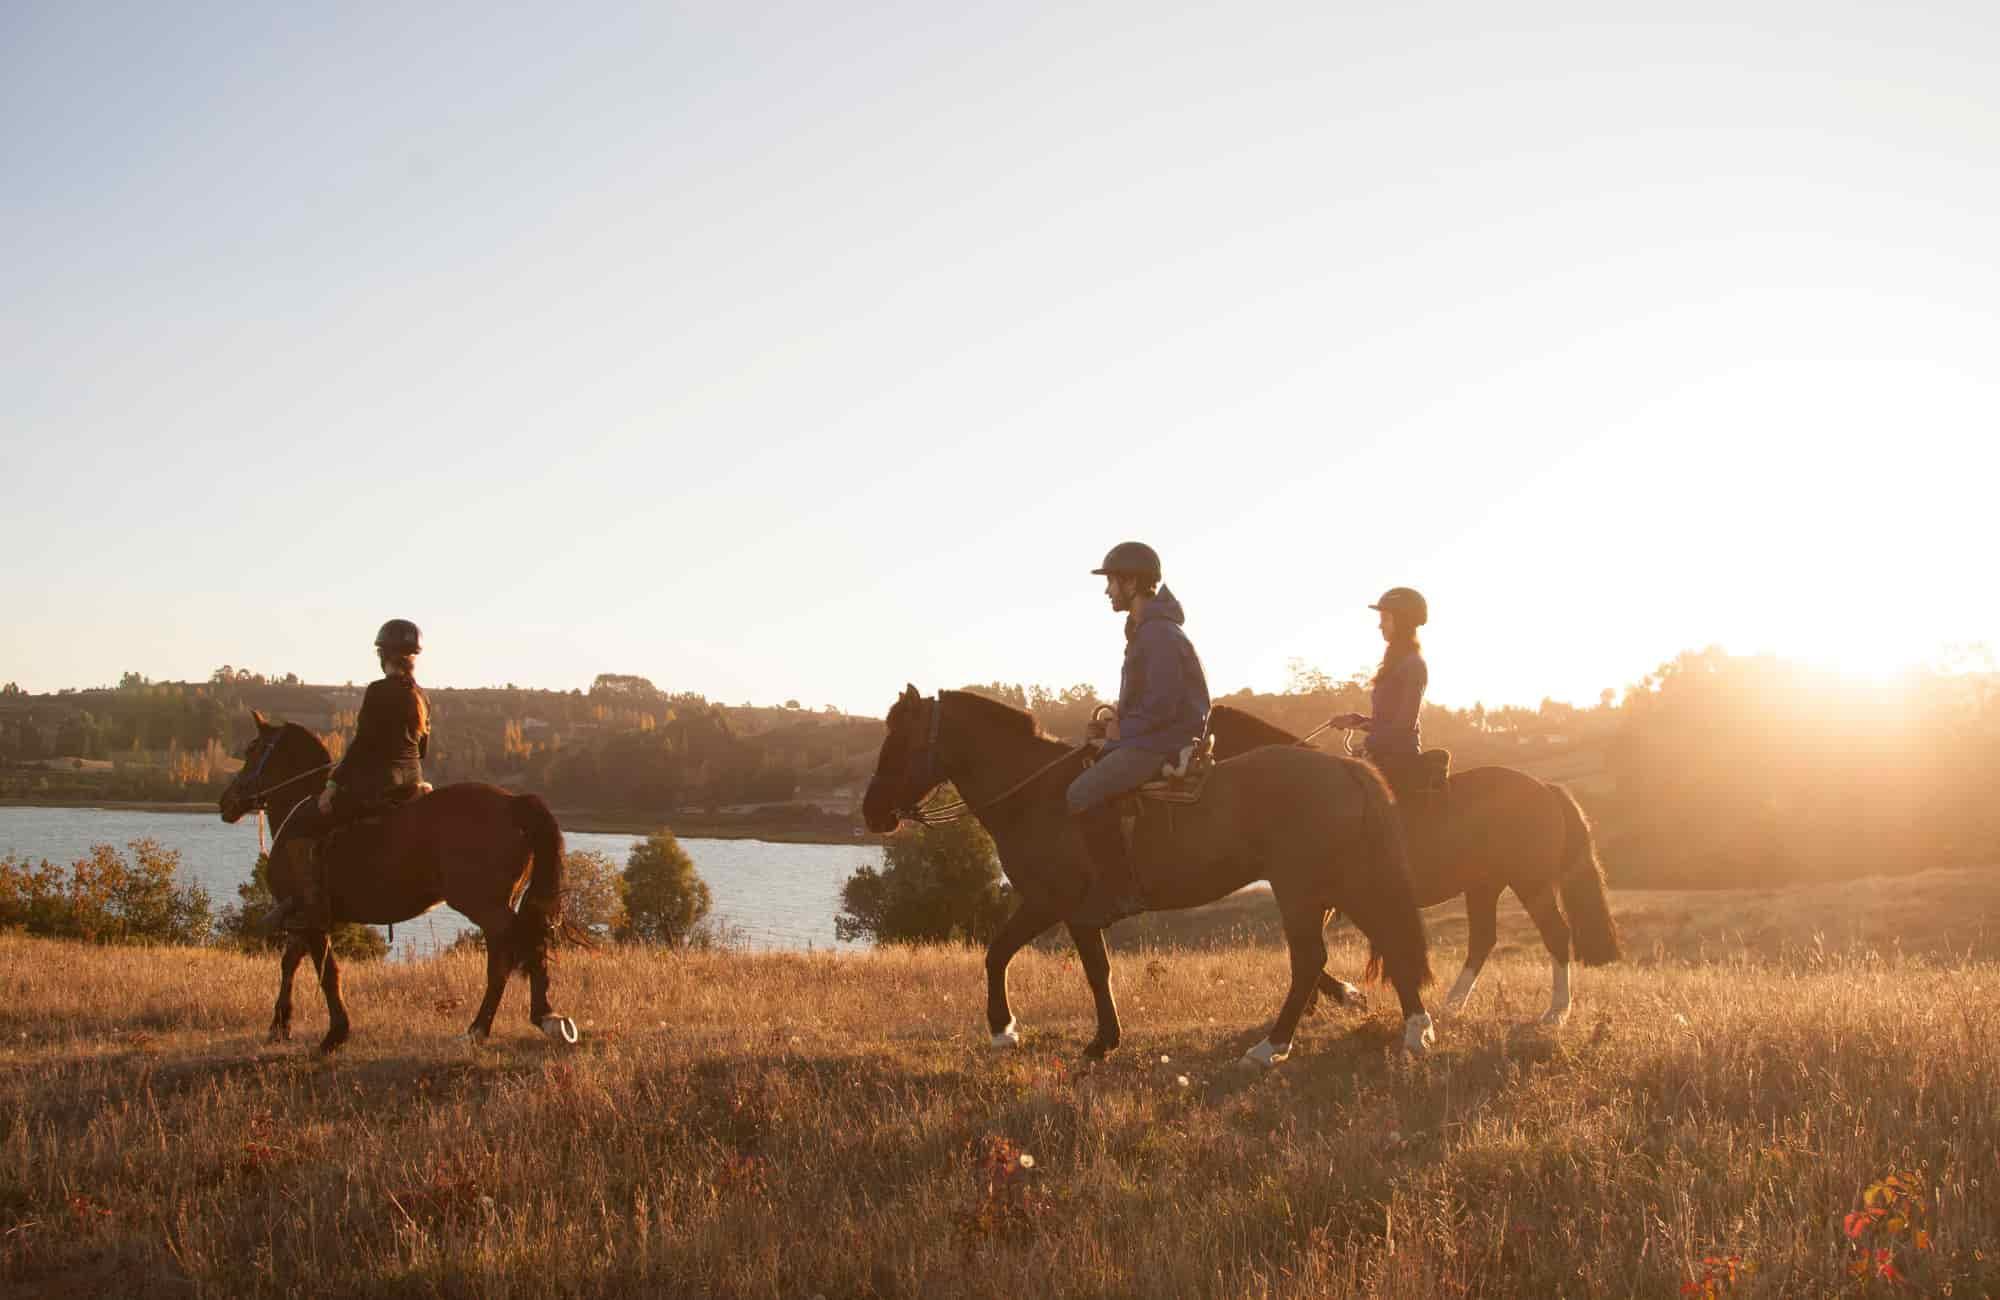 Voyage Chiloé - Balade à cheval sur l'île - Amplitudes